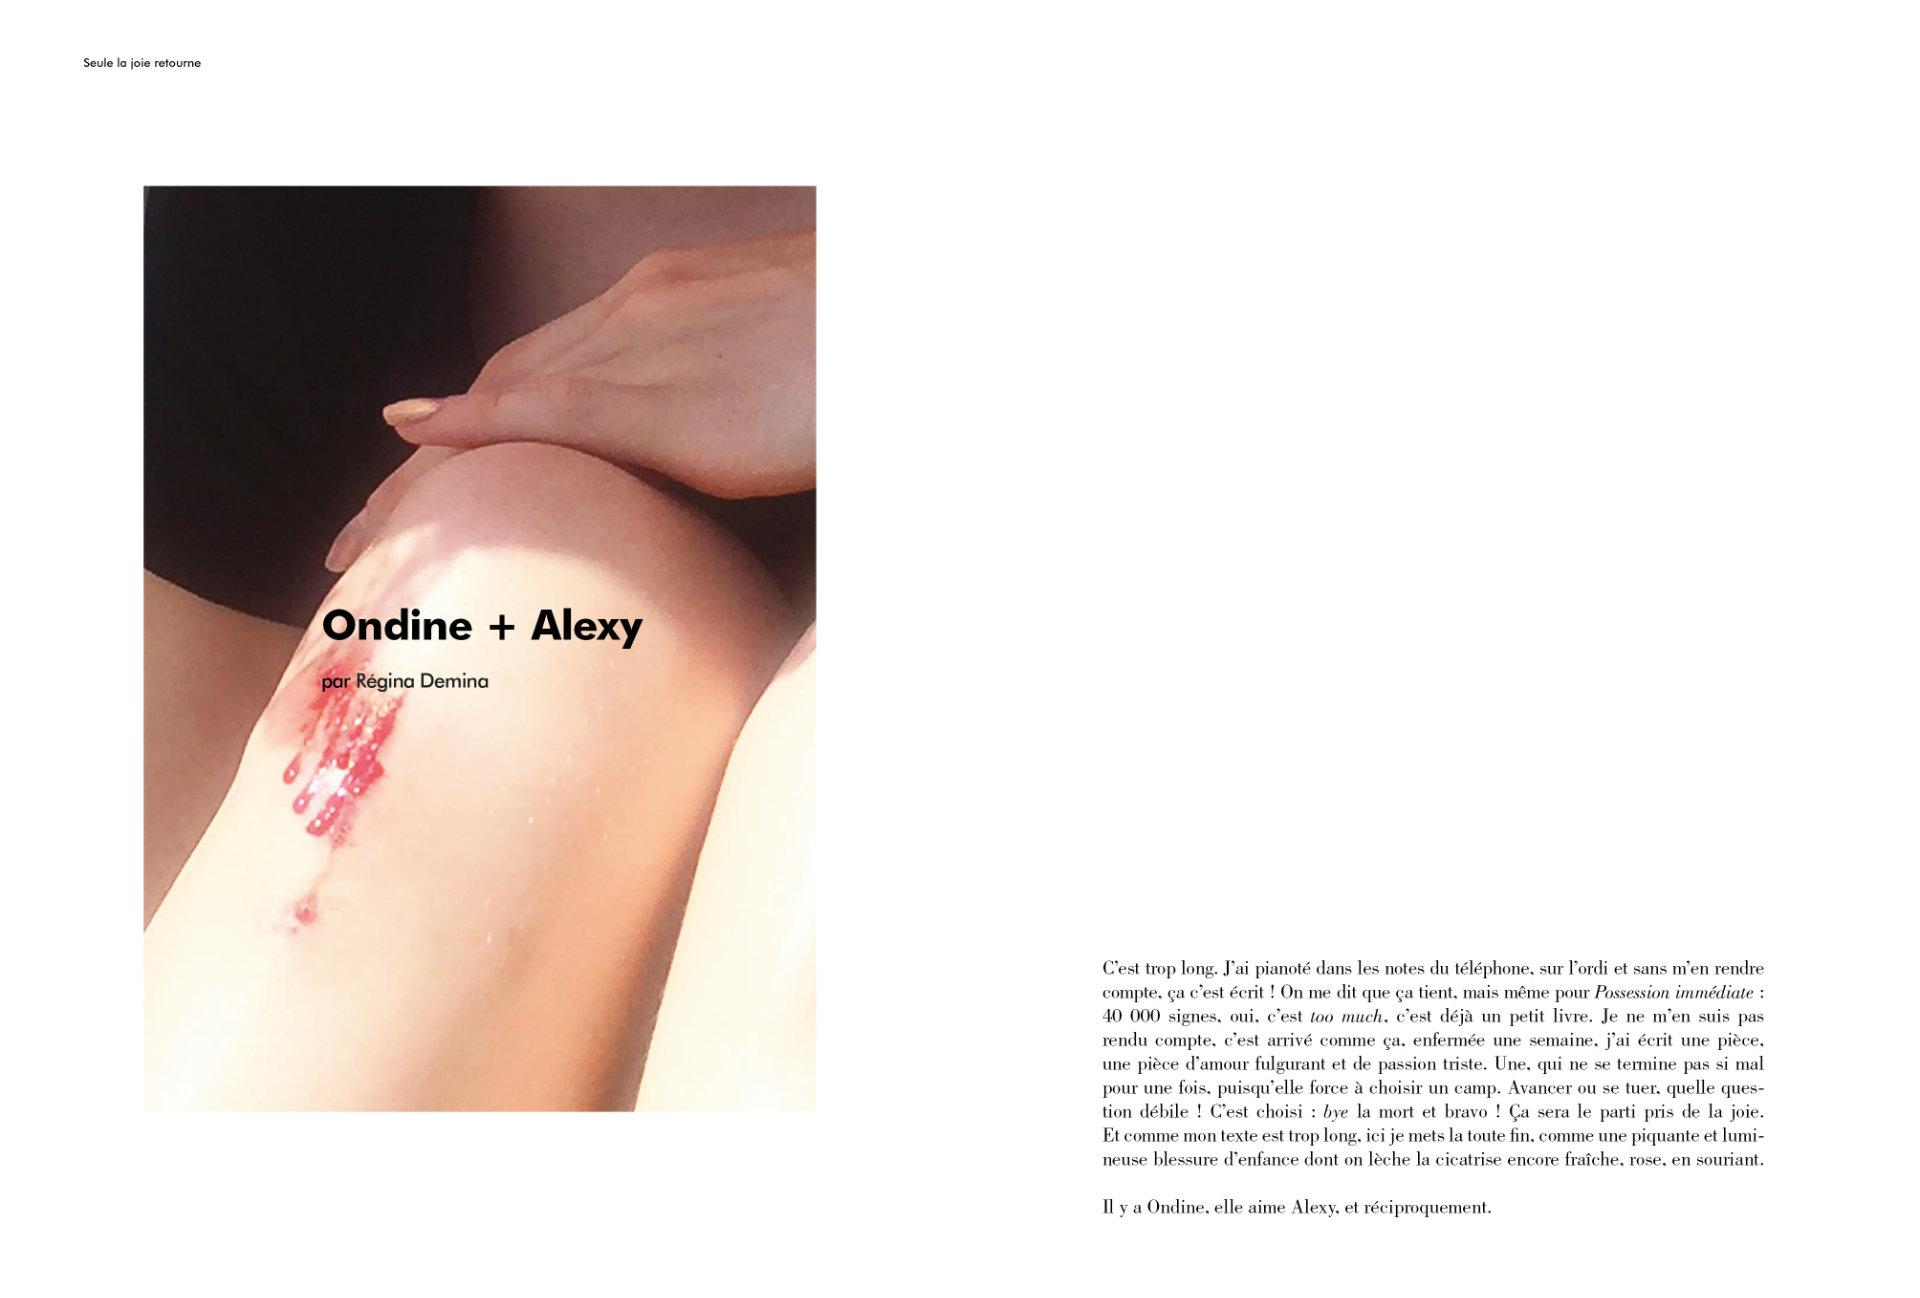 Ondine + Alexy par Régina Demina (extrait)